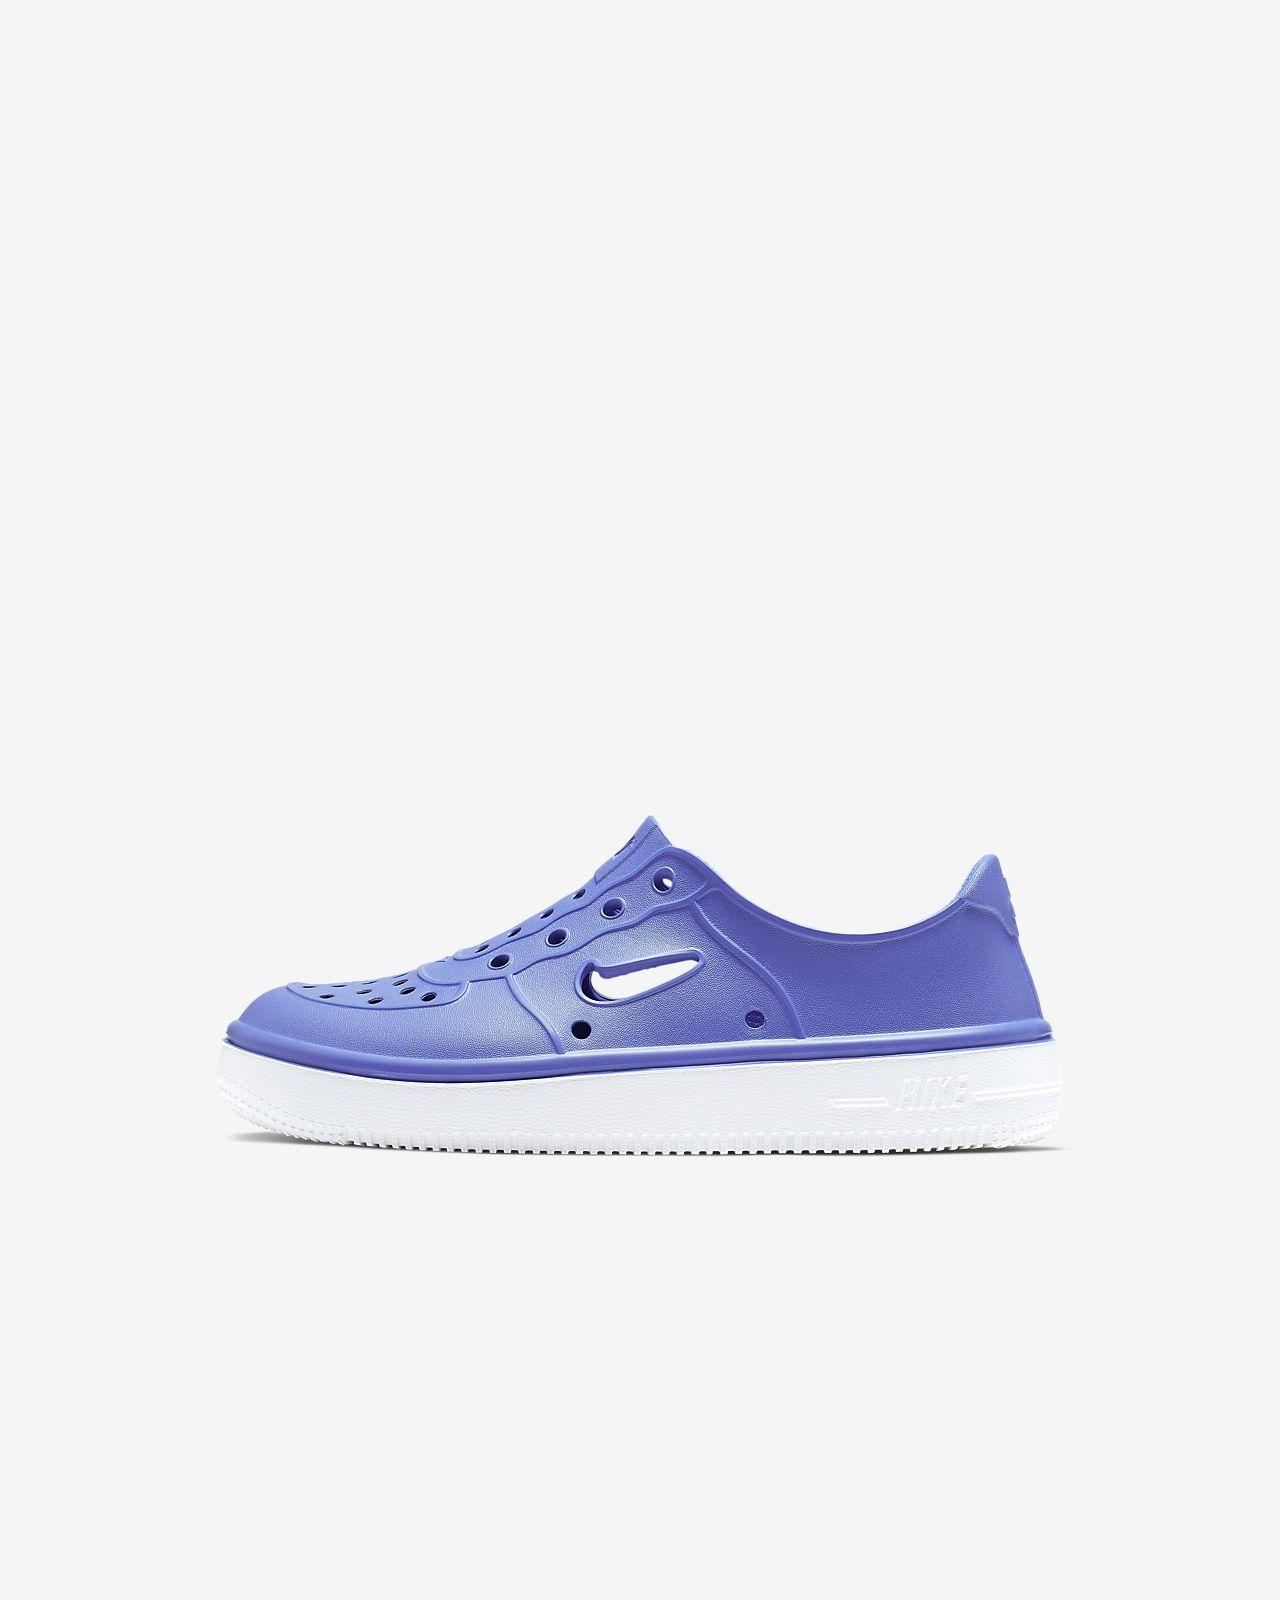 Nike Foam Force 1 Kleuterschoen